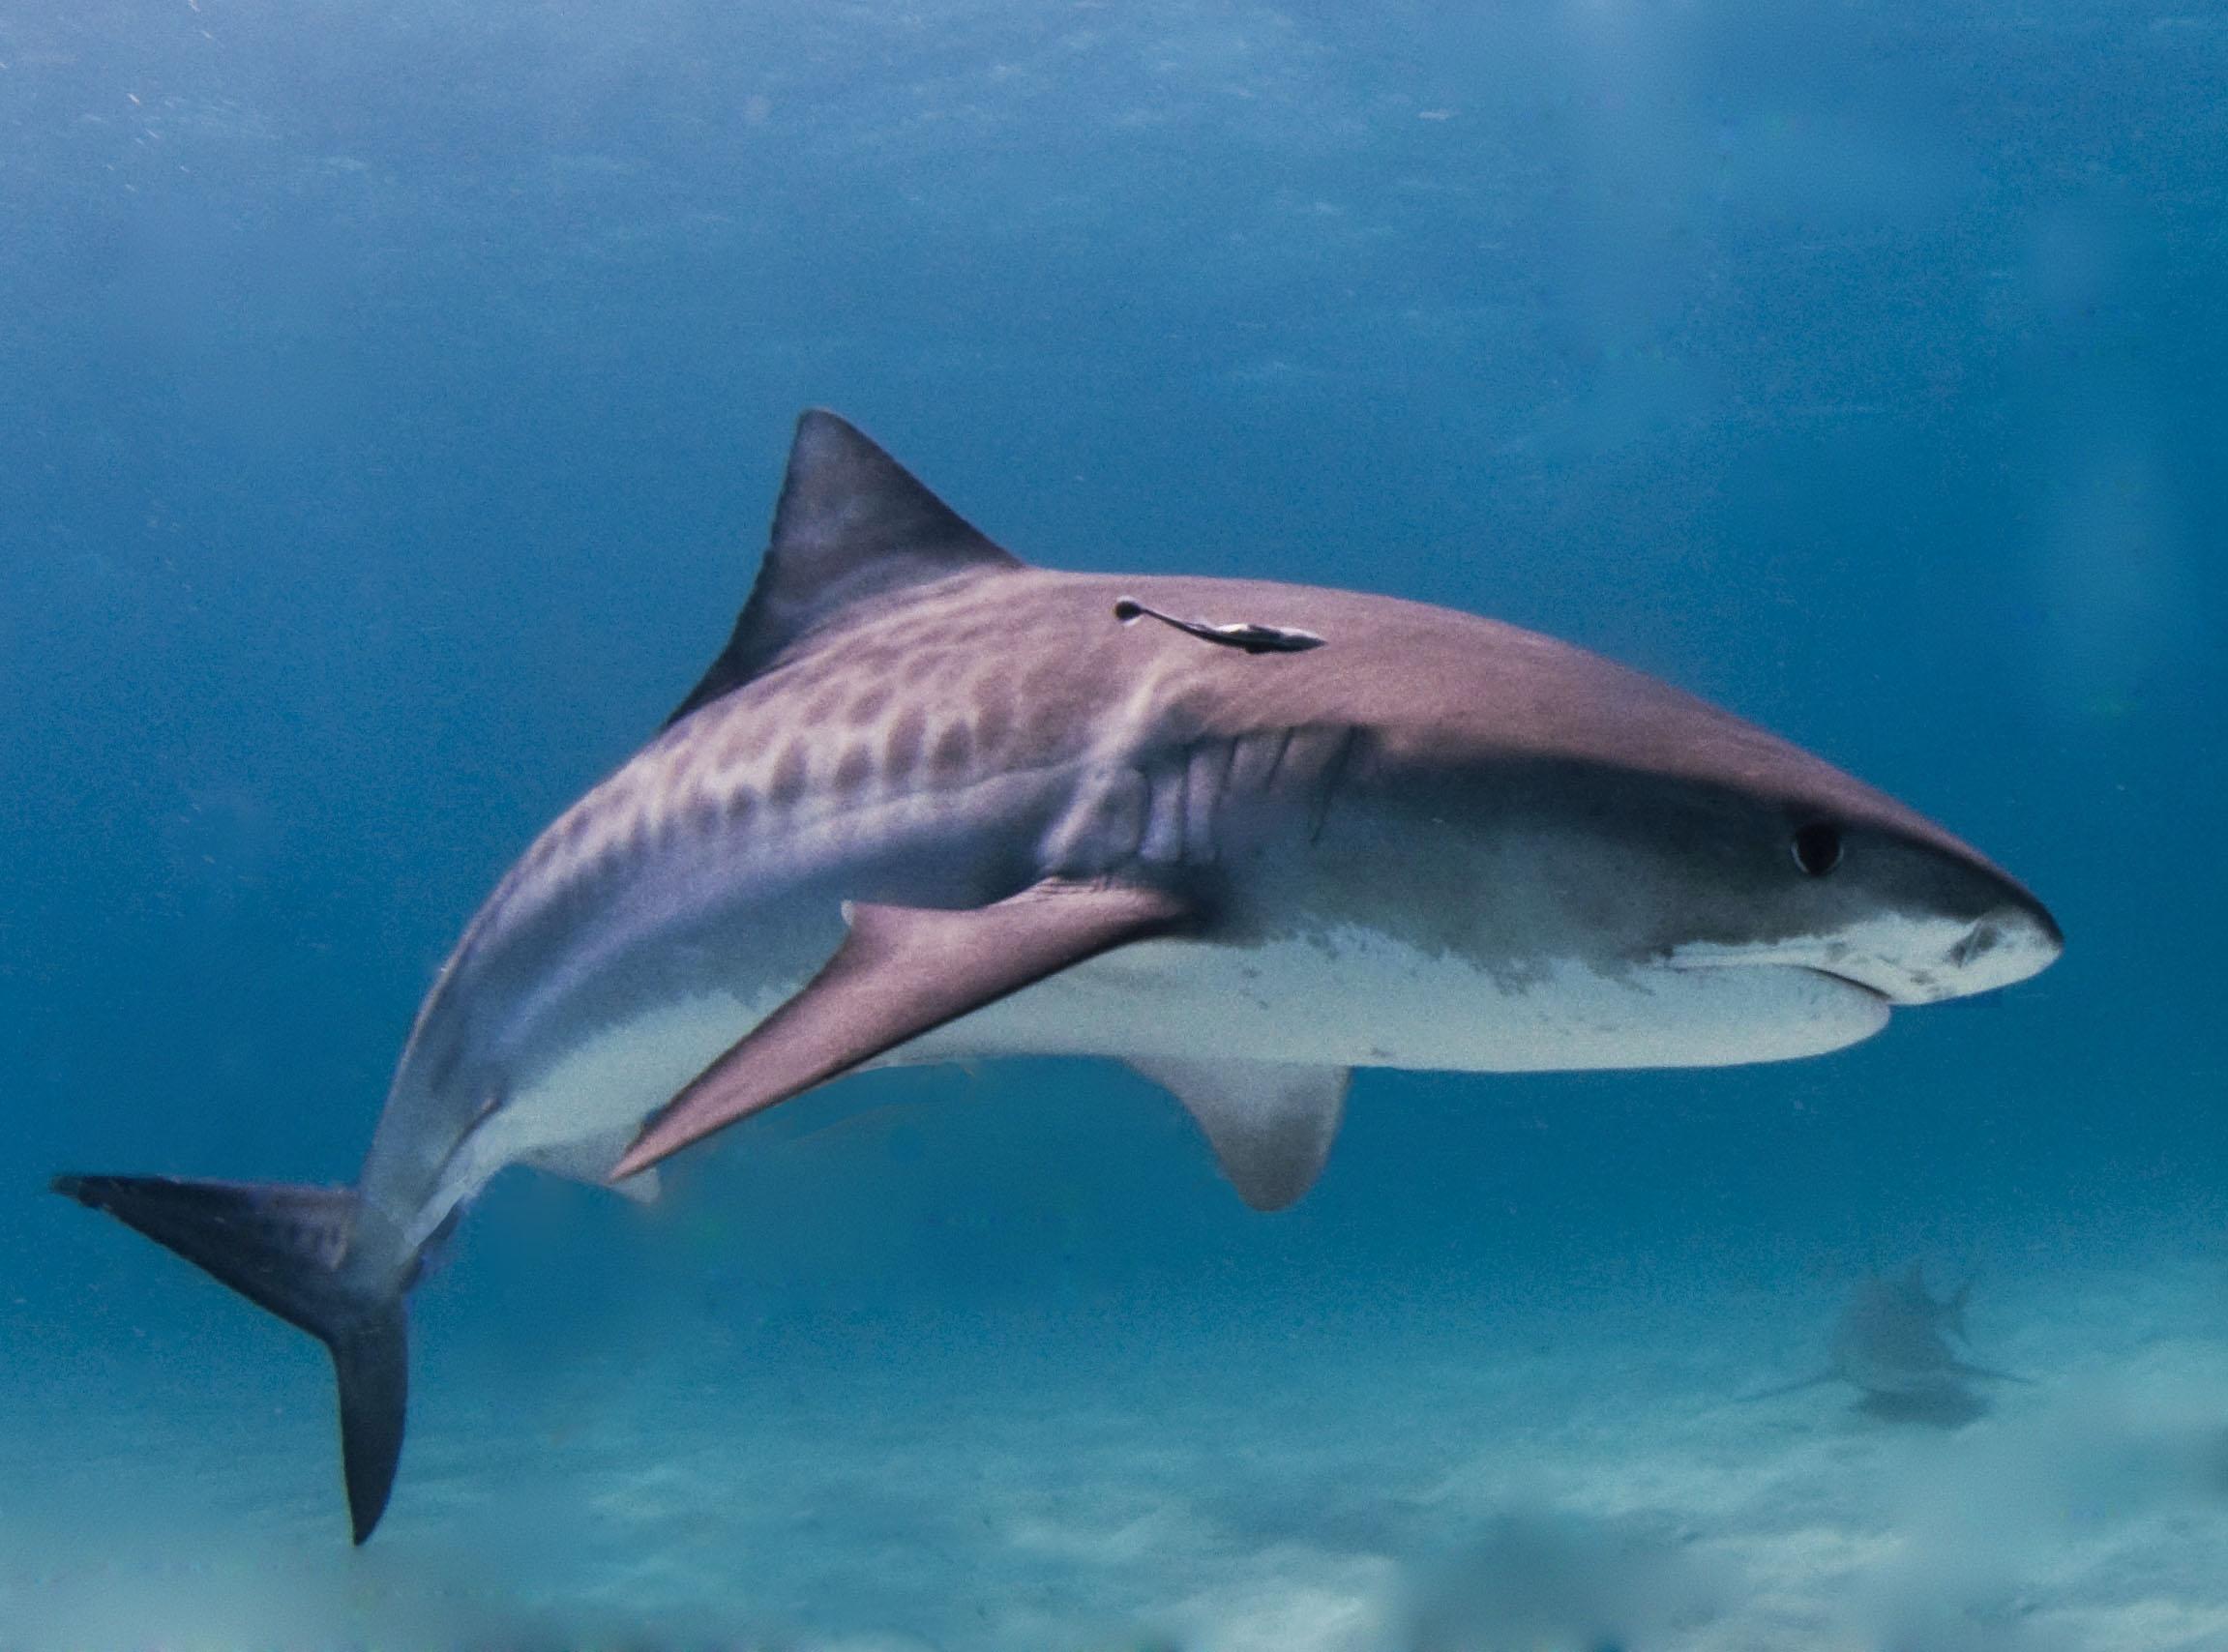 Картинка пасть белой акулы » акулы » рыба » животные » картинки 24.